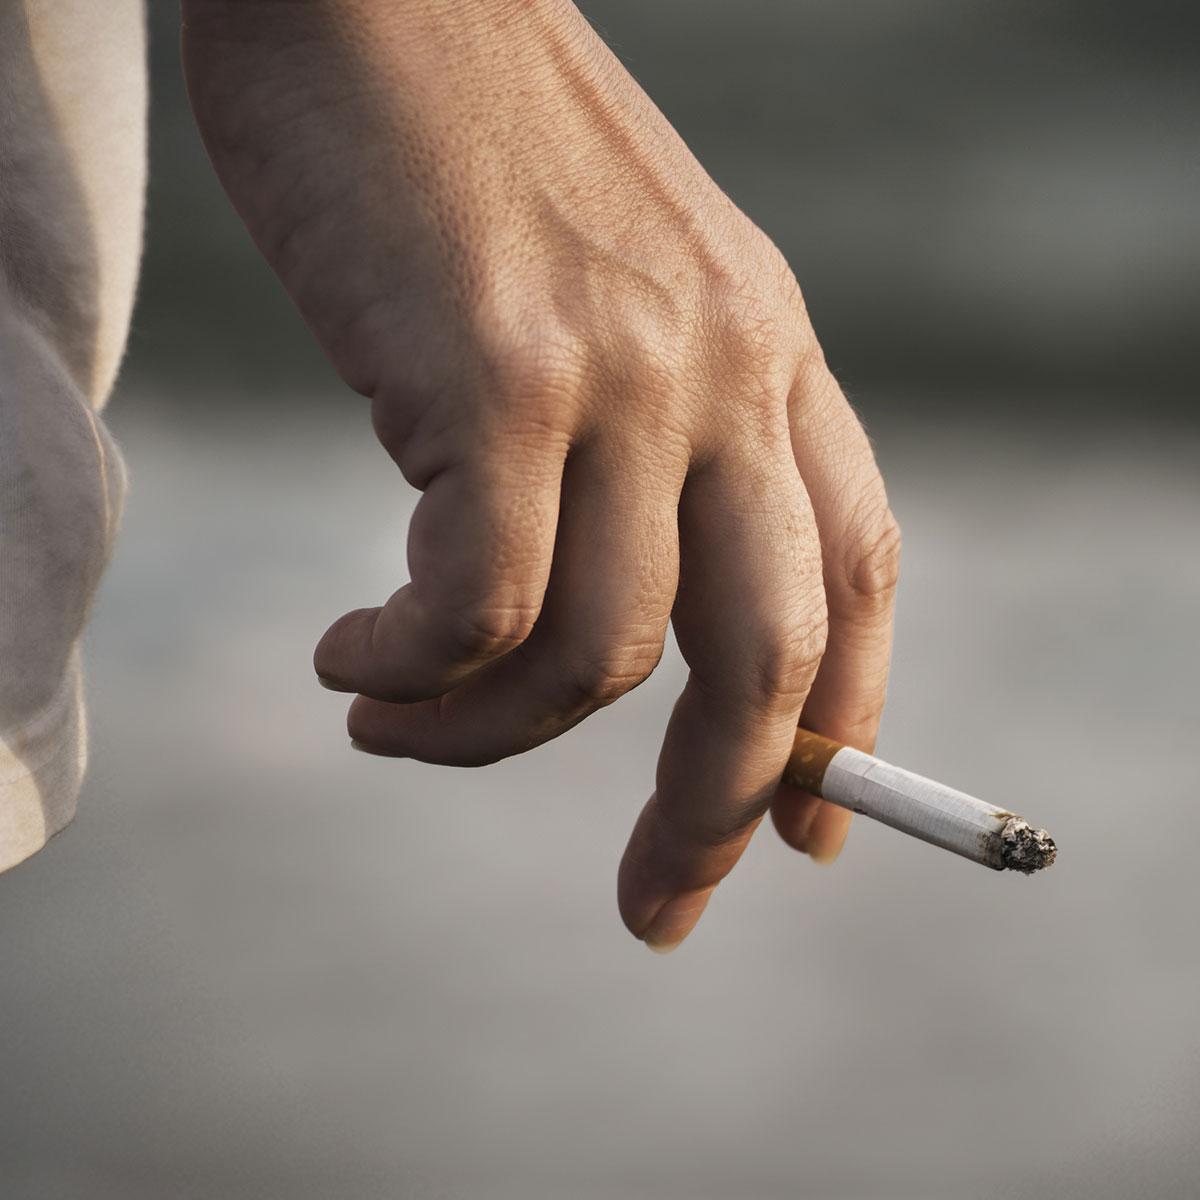 Solo 17% fumatori italiani ha informazioni su prodotti senza fumo